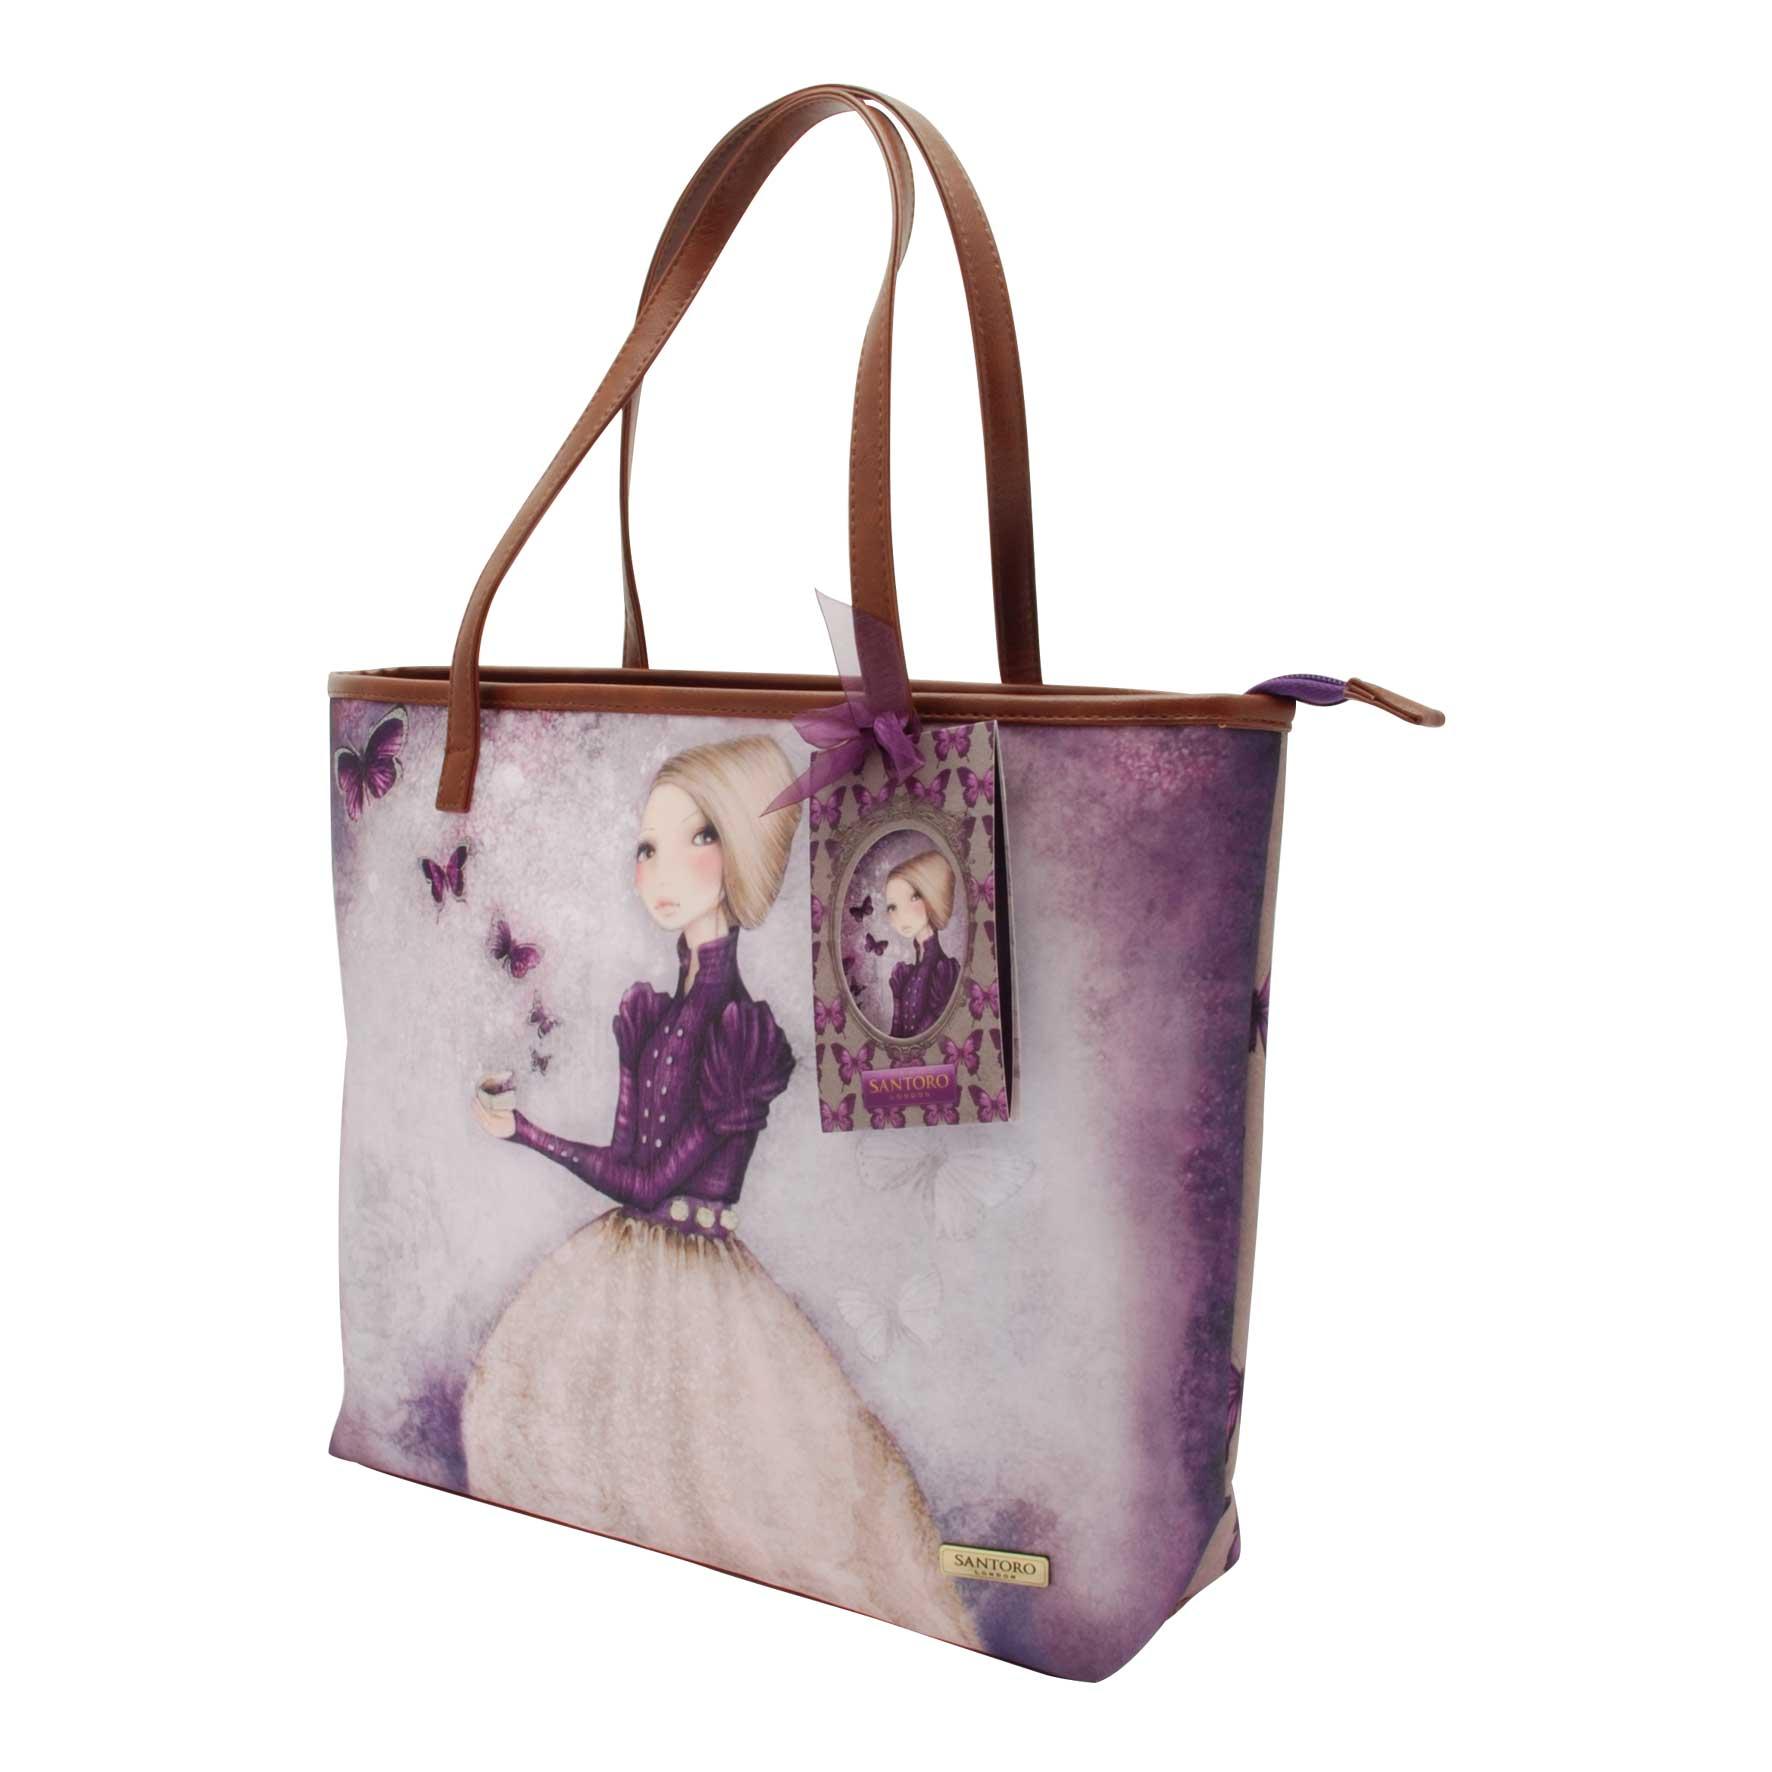 94d522b02e ... Santoro London - Velká Nákupní taška - Mirabelle - Amethyst Butterfly.  ‹ ›